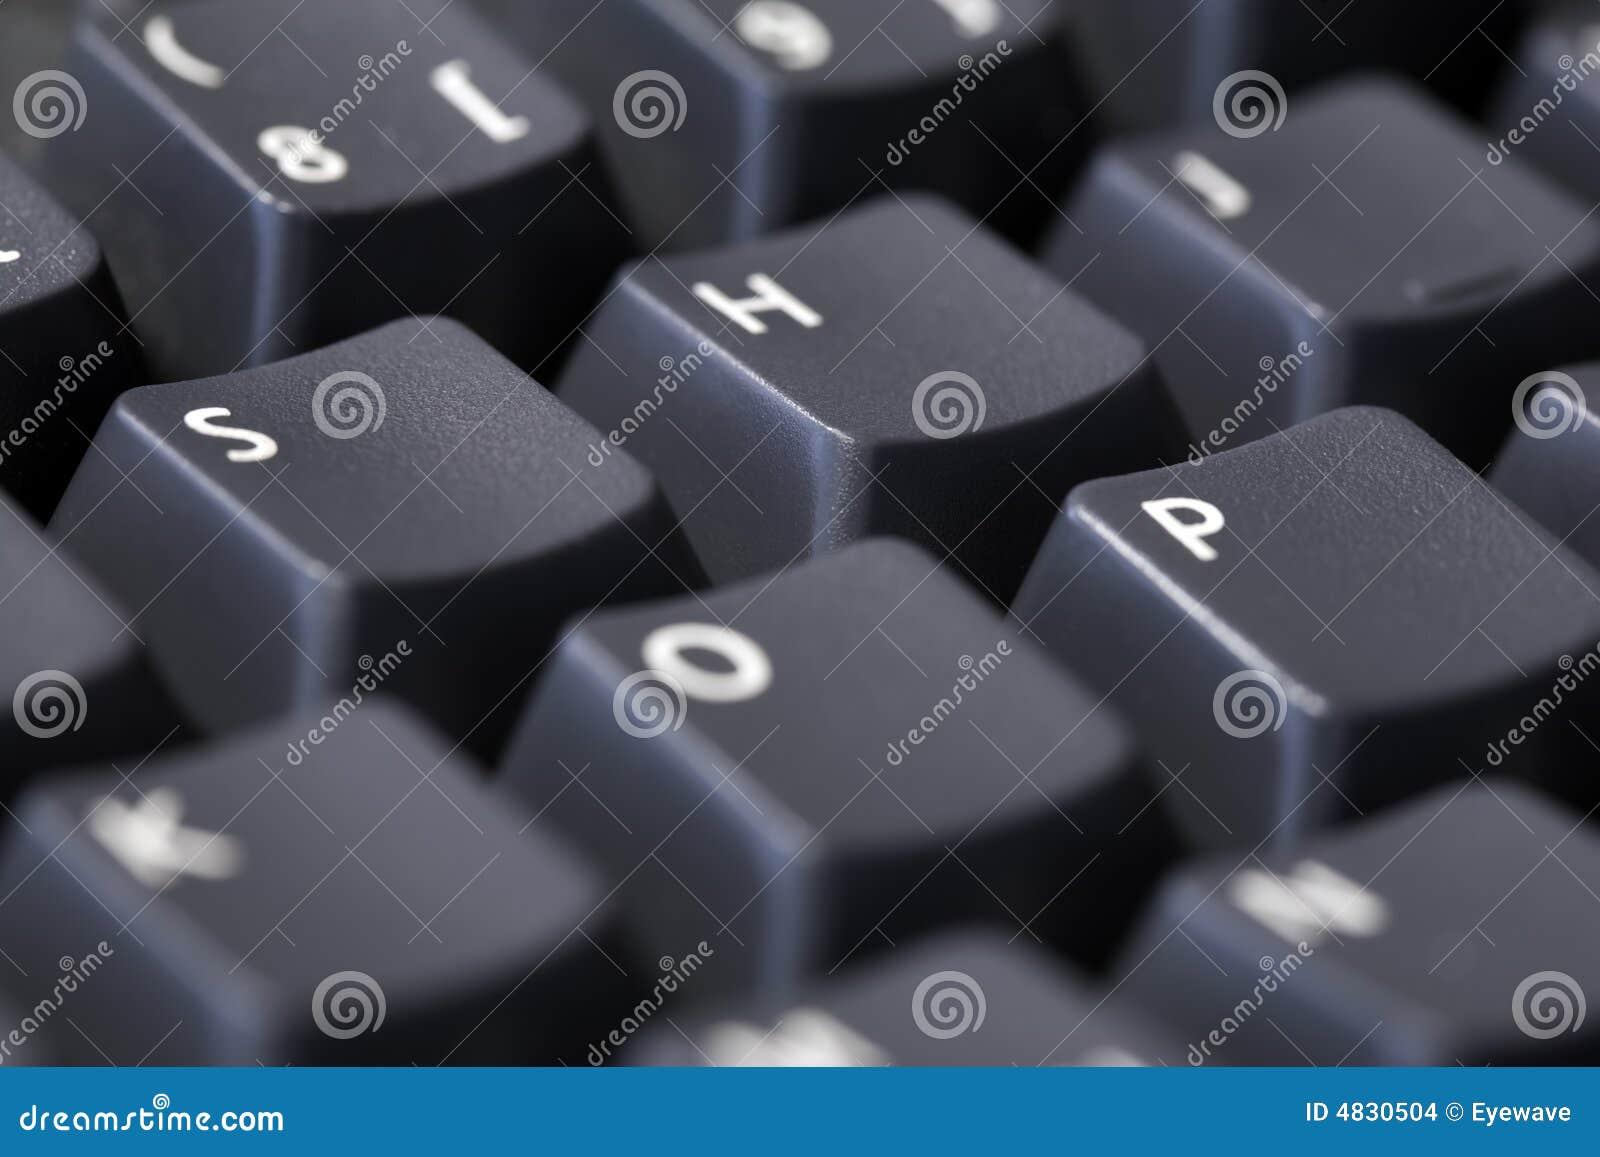 SYSTEM buchstabiert auf Tastatur